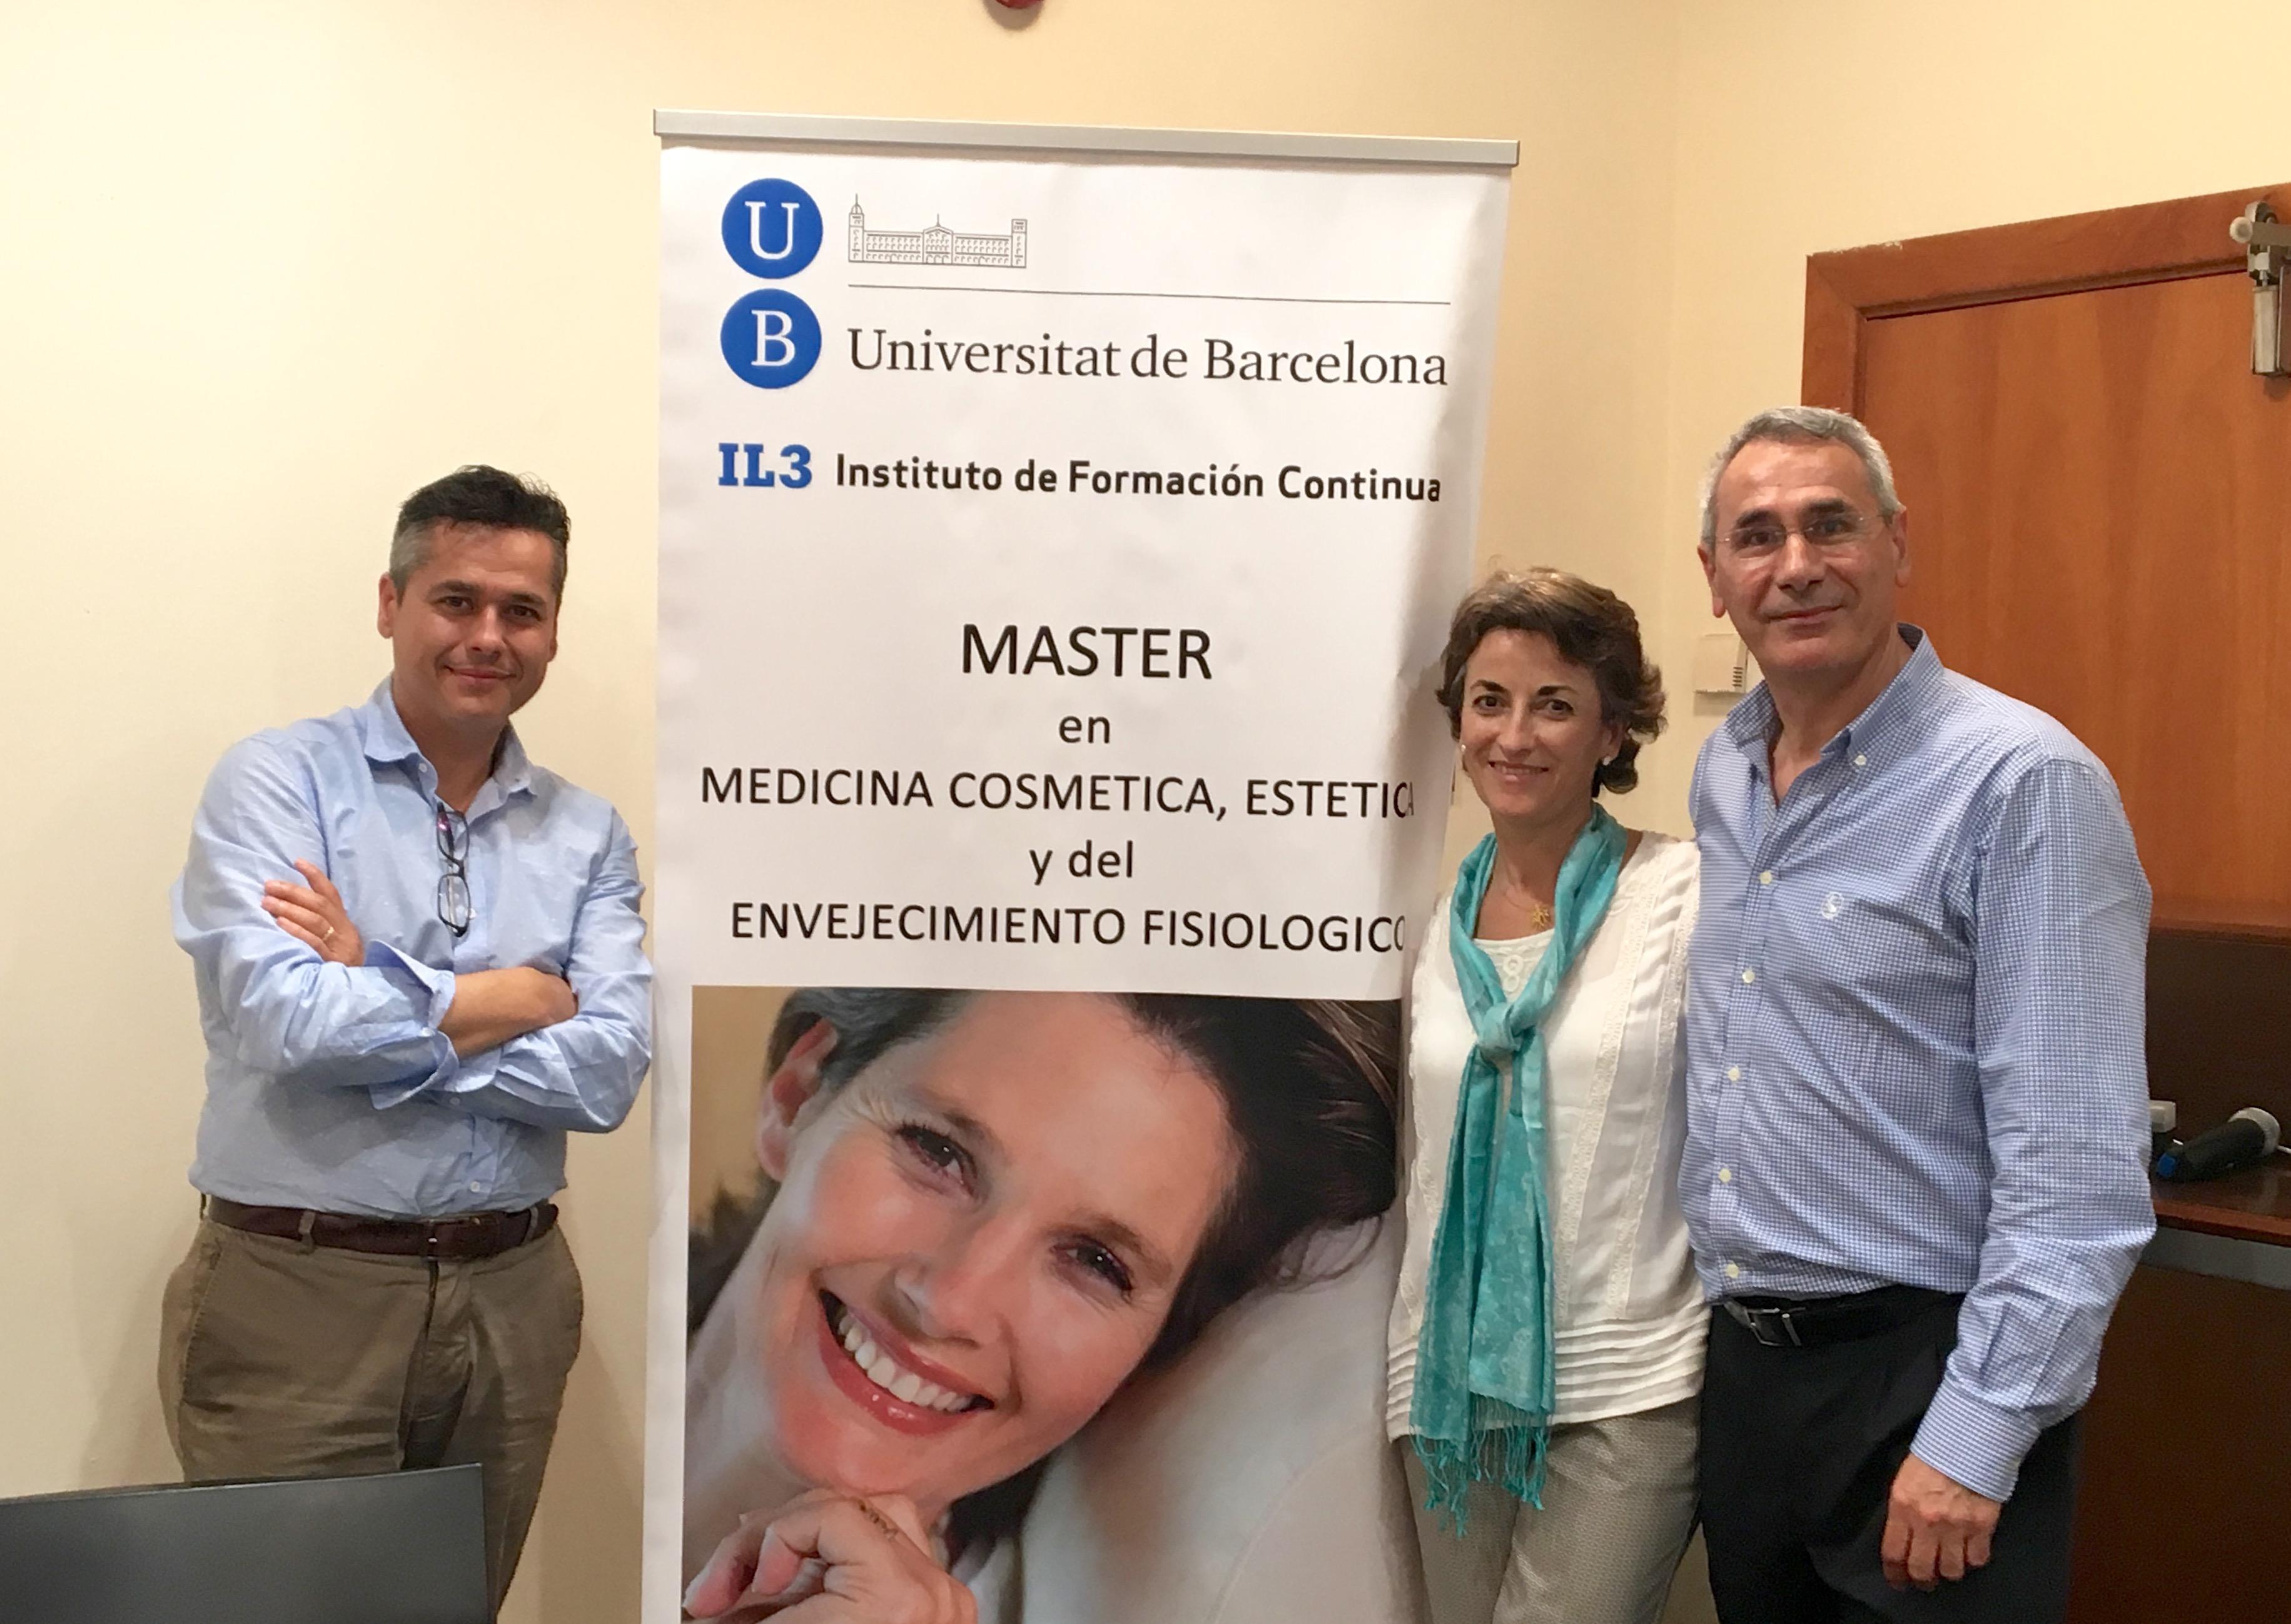 El Dr. J. Salinas participó en Junio como ponente en el Máster en Medicina Cosmética, Estética y del Envejecimiento Fisiológico